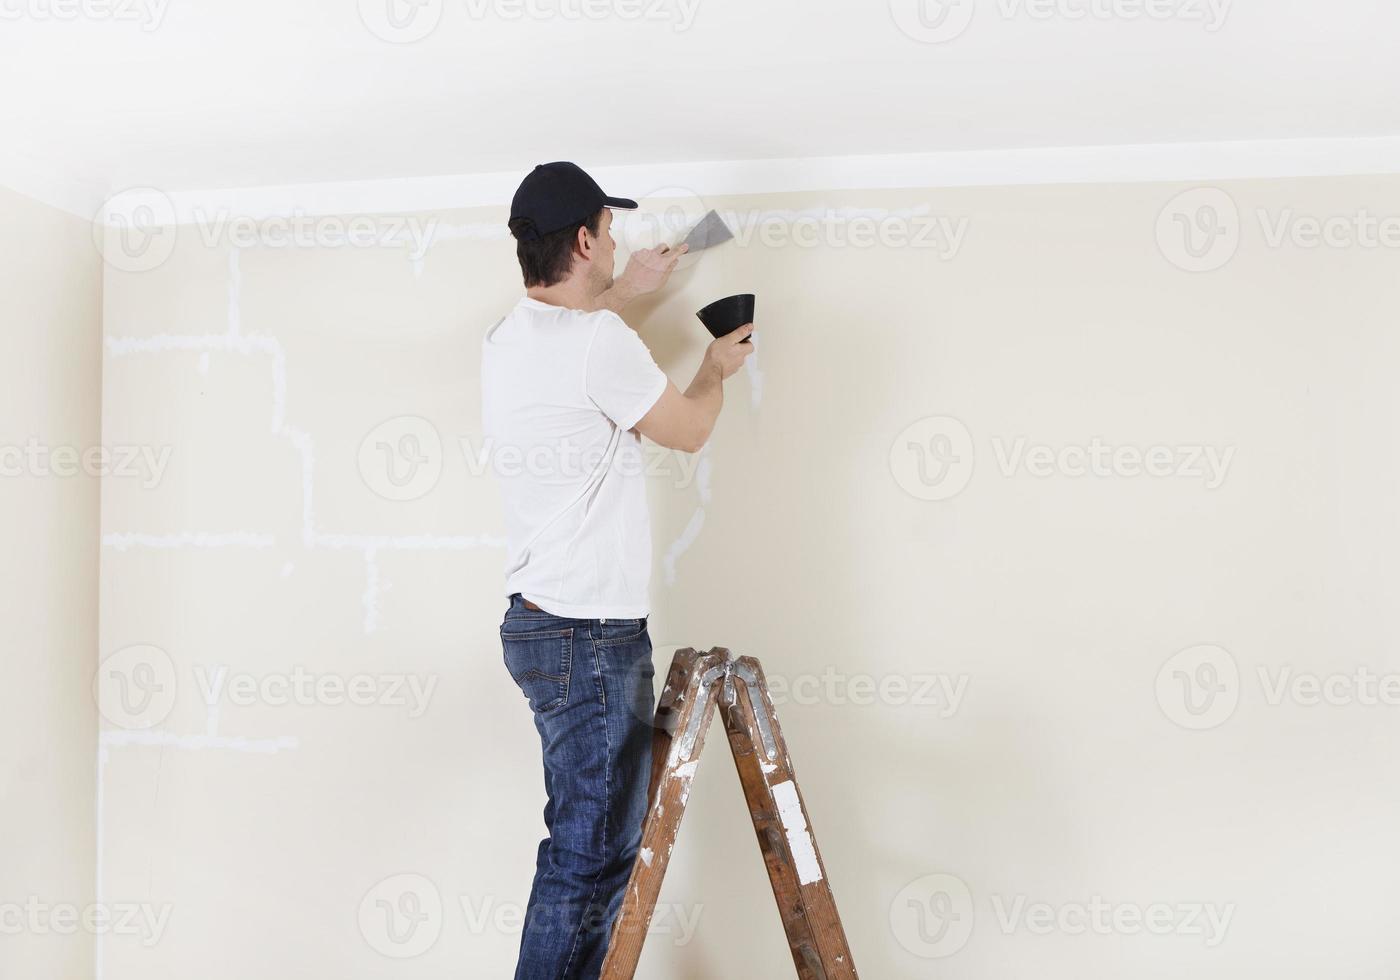 Mann auf Leiter spachtelt Wand foto